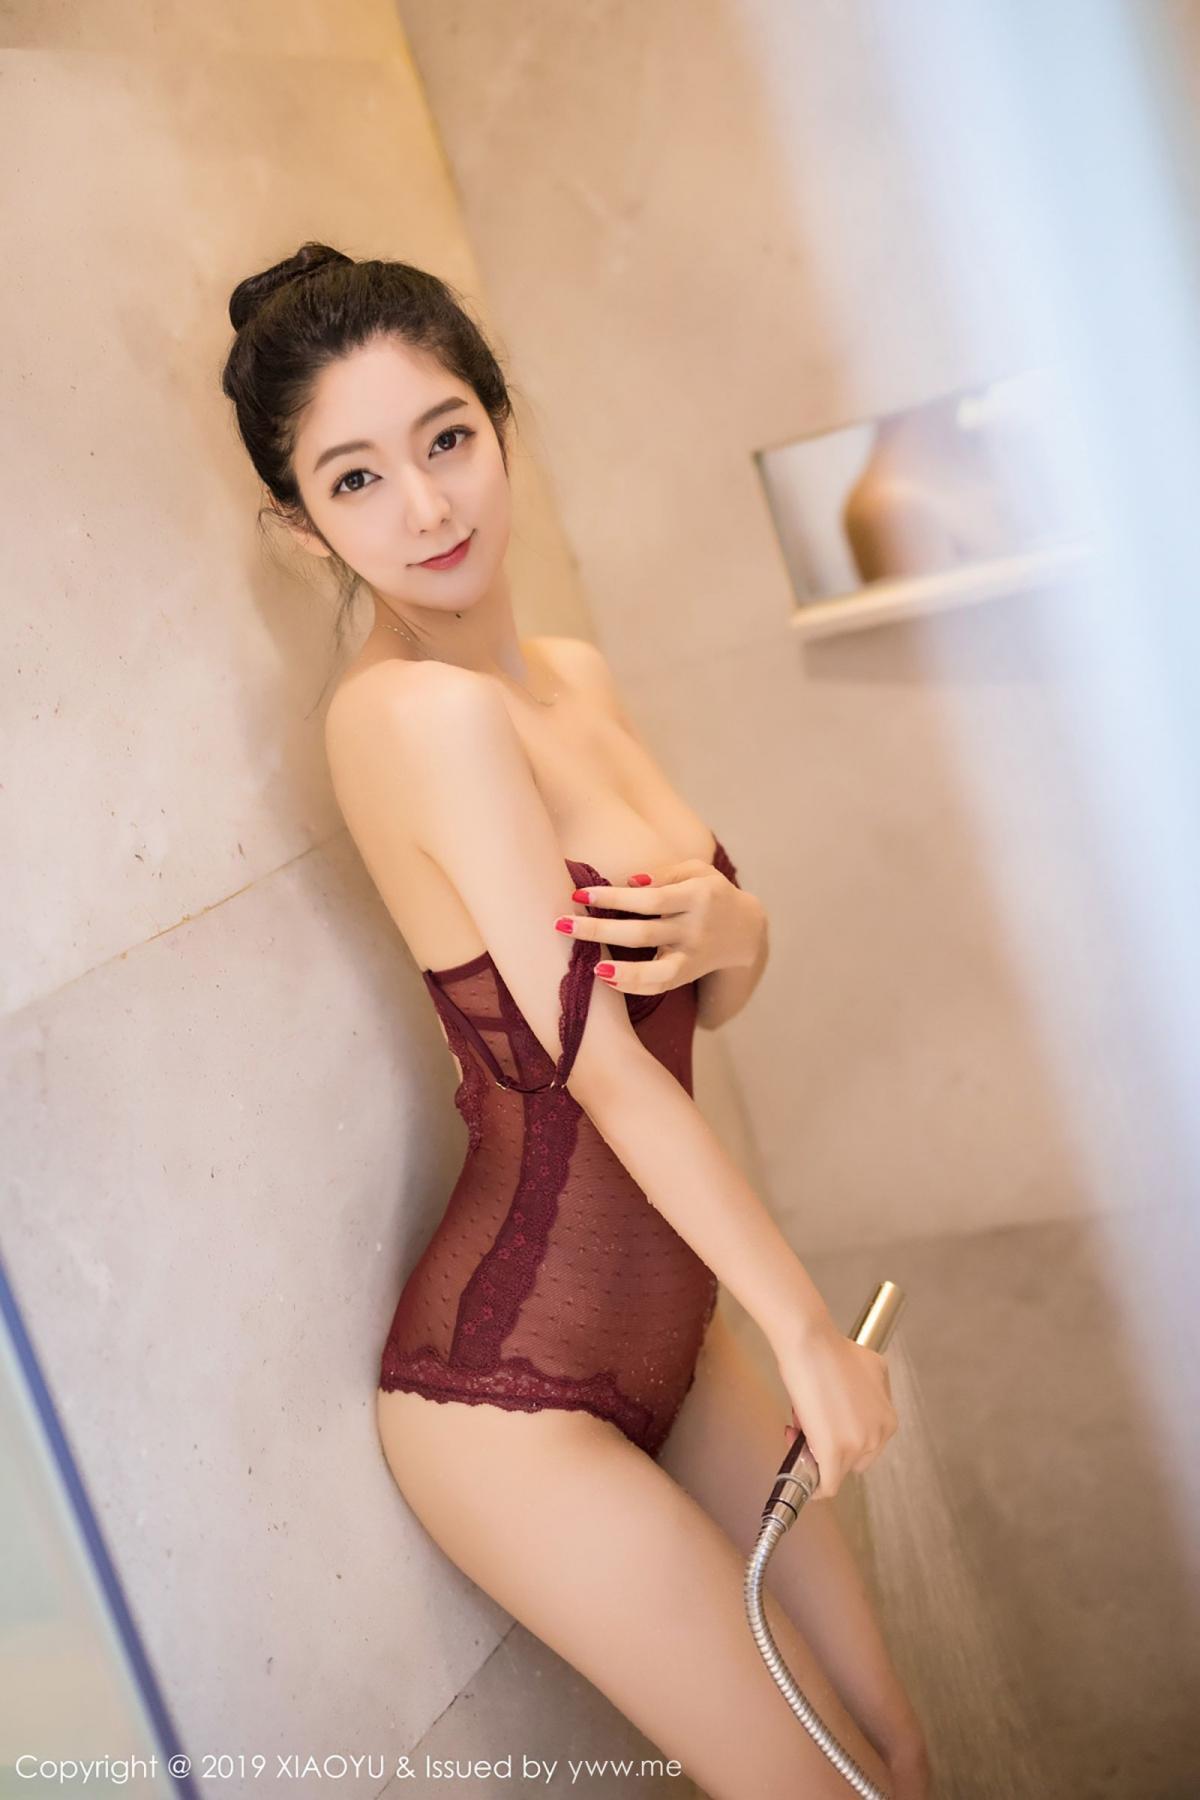 [XiaoYu] Vol.017 Di Yi 28P, Bathroom, Di Yi, Underwear, Wet, XiaoYu